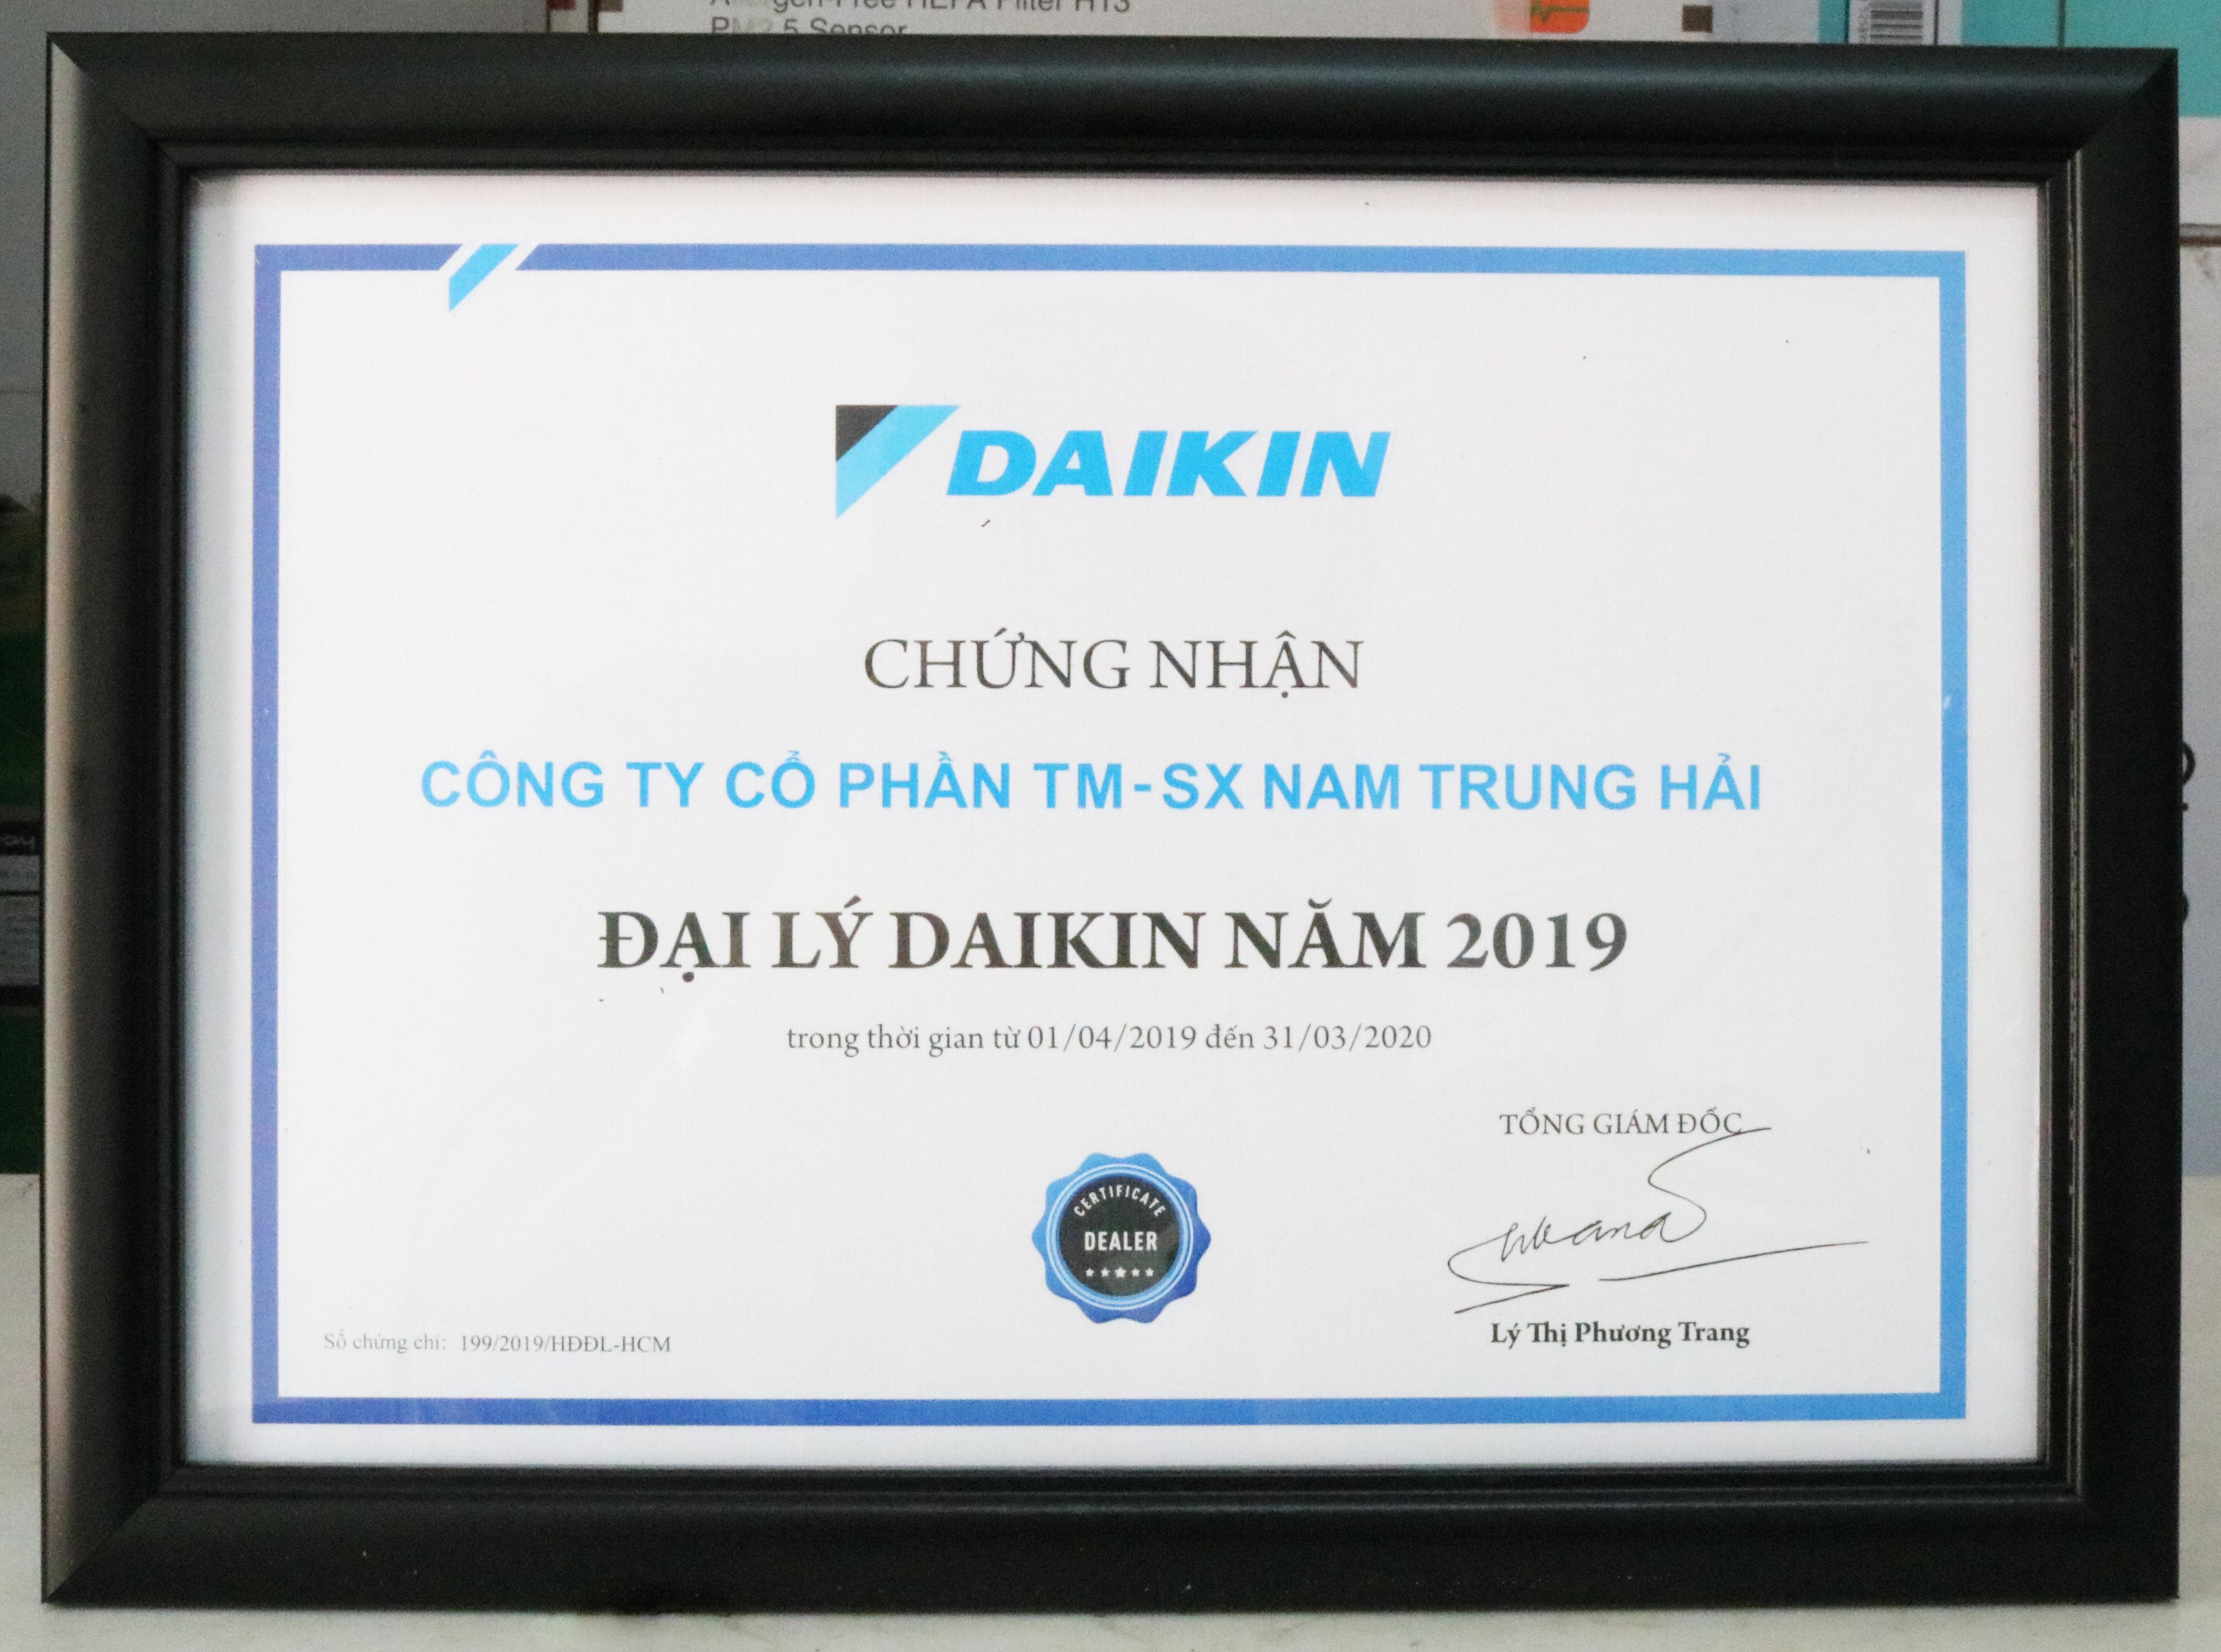 Chứng nhận đại lý Daikin chính hãng